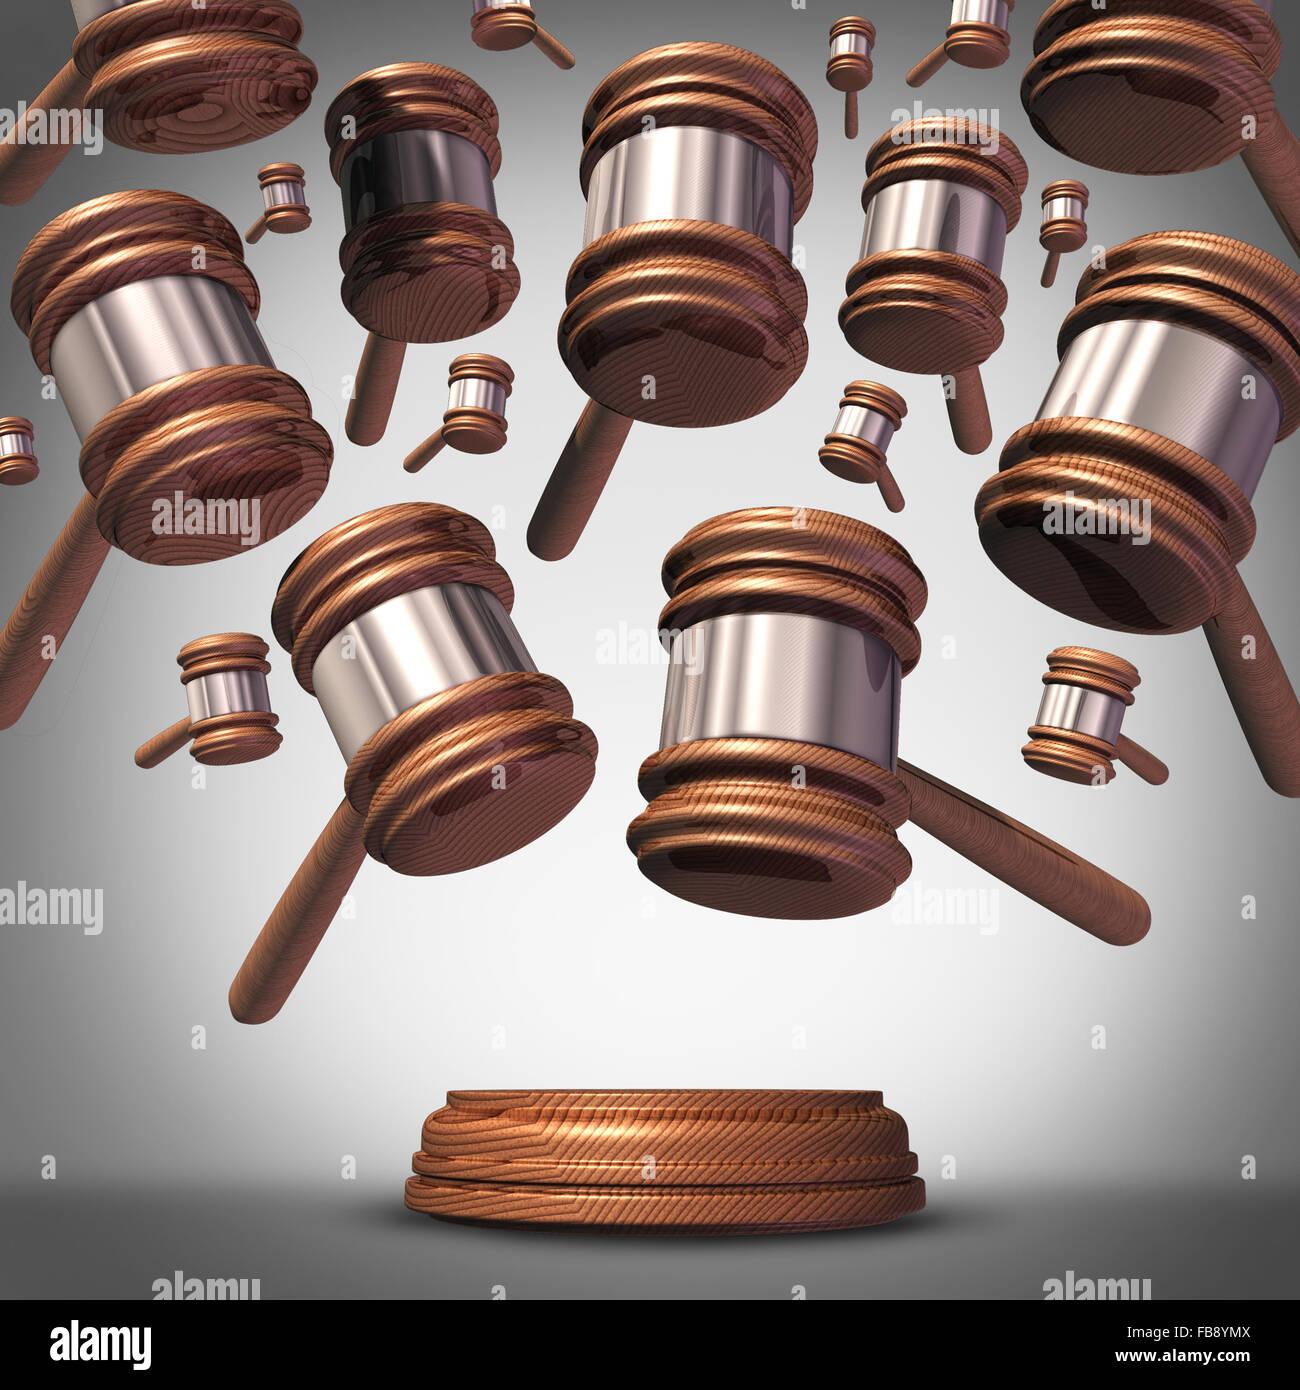 Azione di classe querela nozione come un attore il gruppo rappresentato da molti giudice mazze o martello icone Immagini Stock